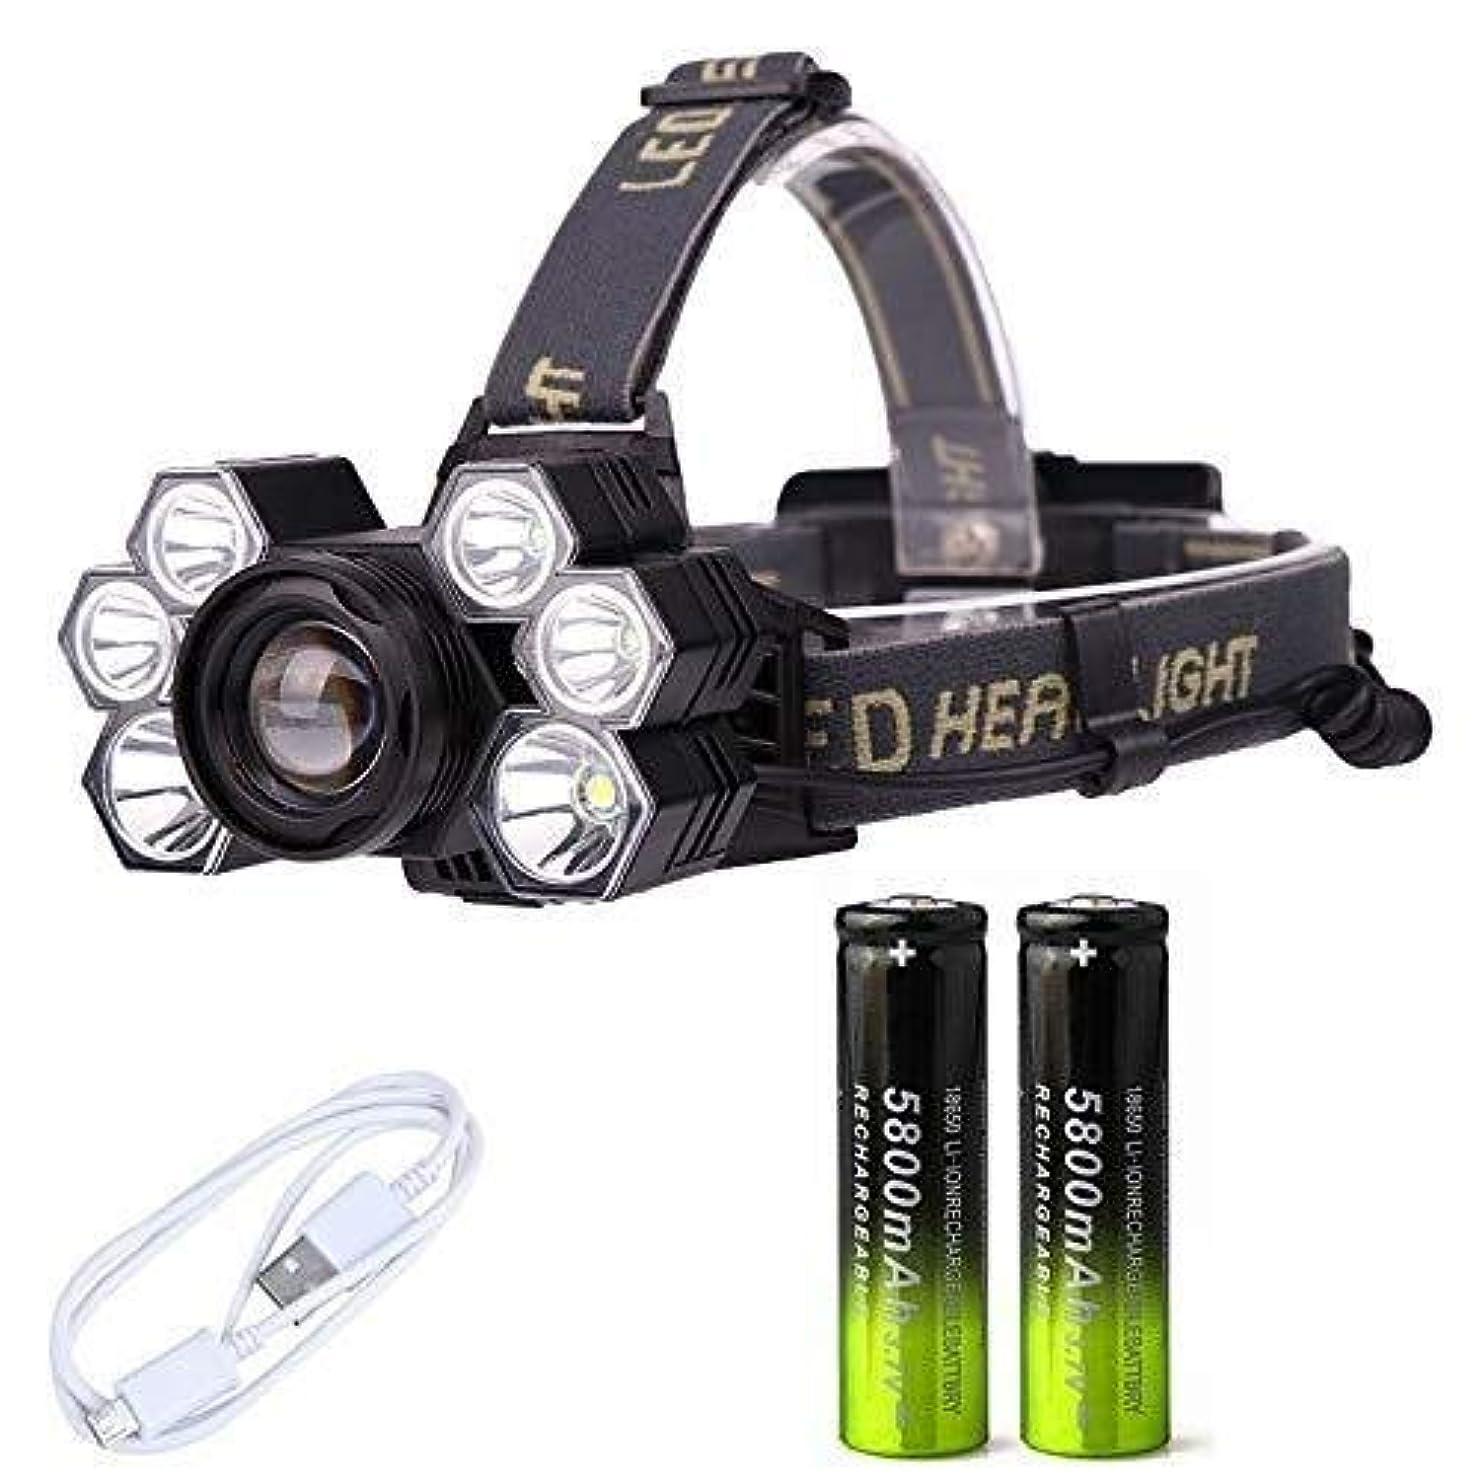 人道的梨組ヘッドランプは、LEDヘッドランプズーム可能なヘッドライト防水ヘッドトーチ懐中電灯ヘッドランプ釣り狩猟ライト18650バッテリー ヘッドライト